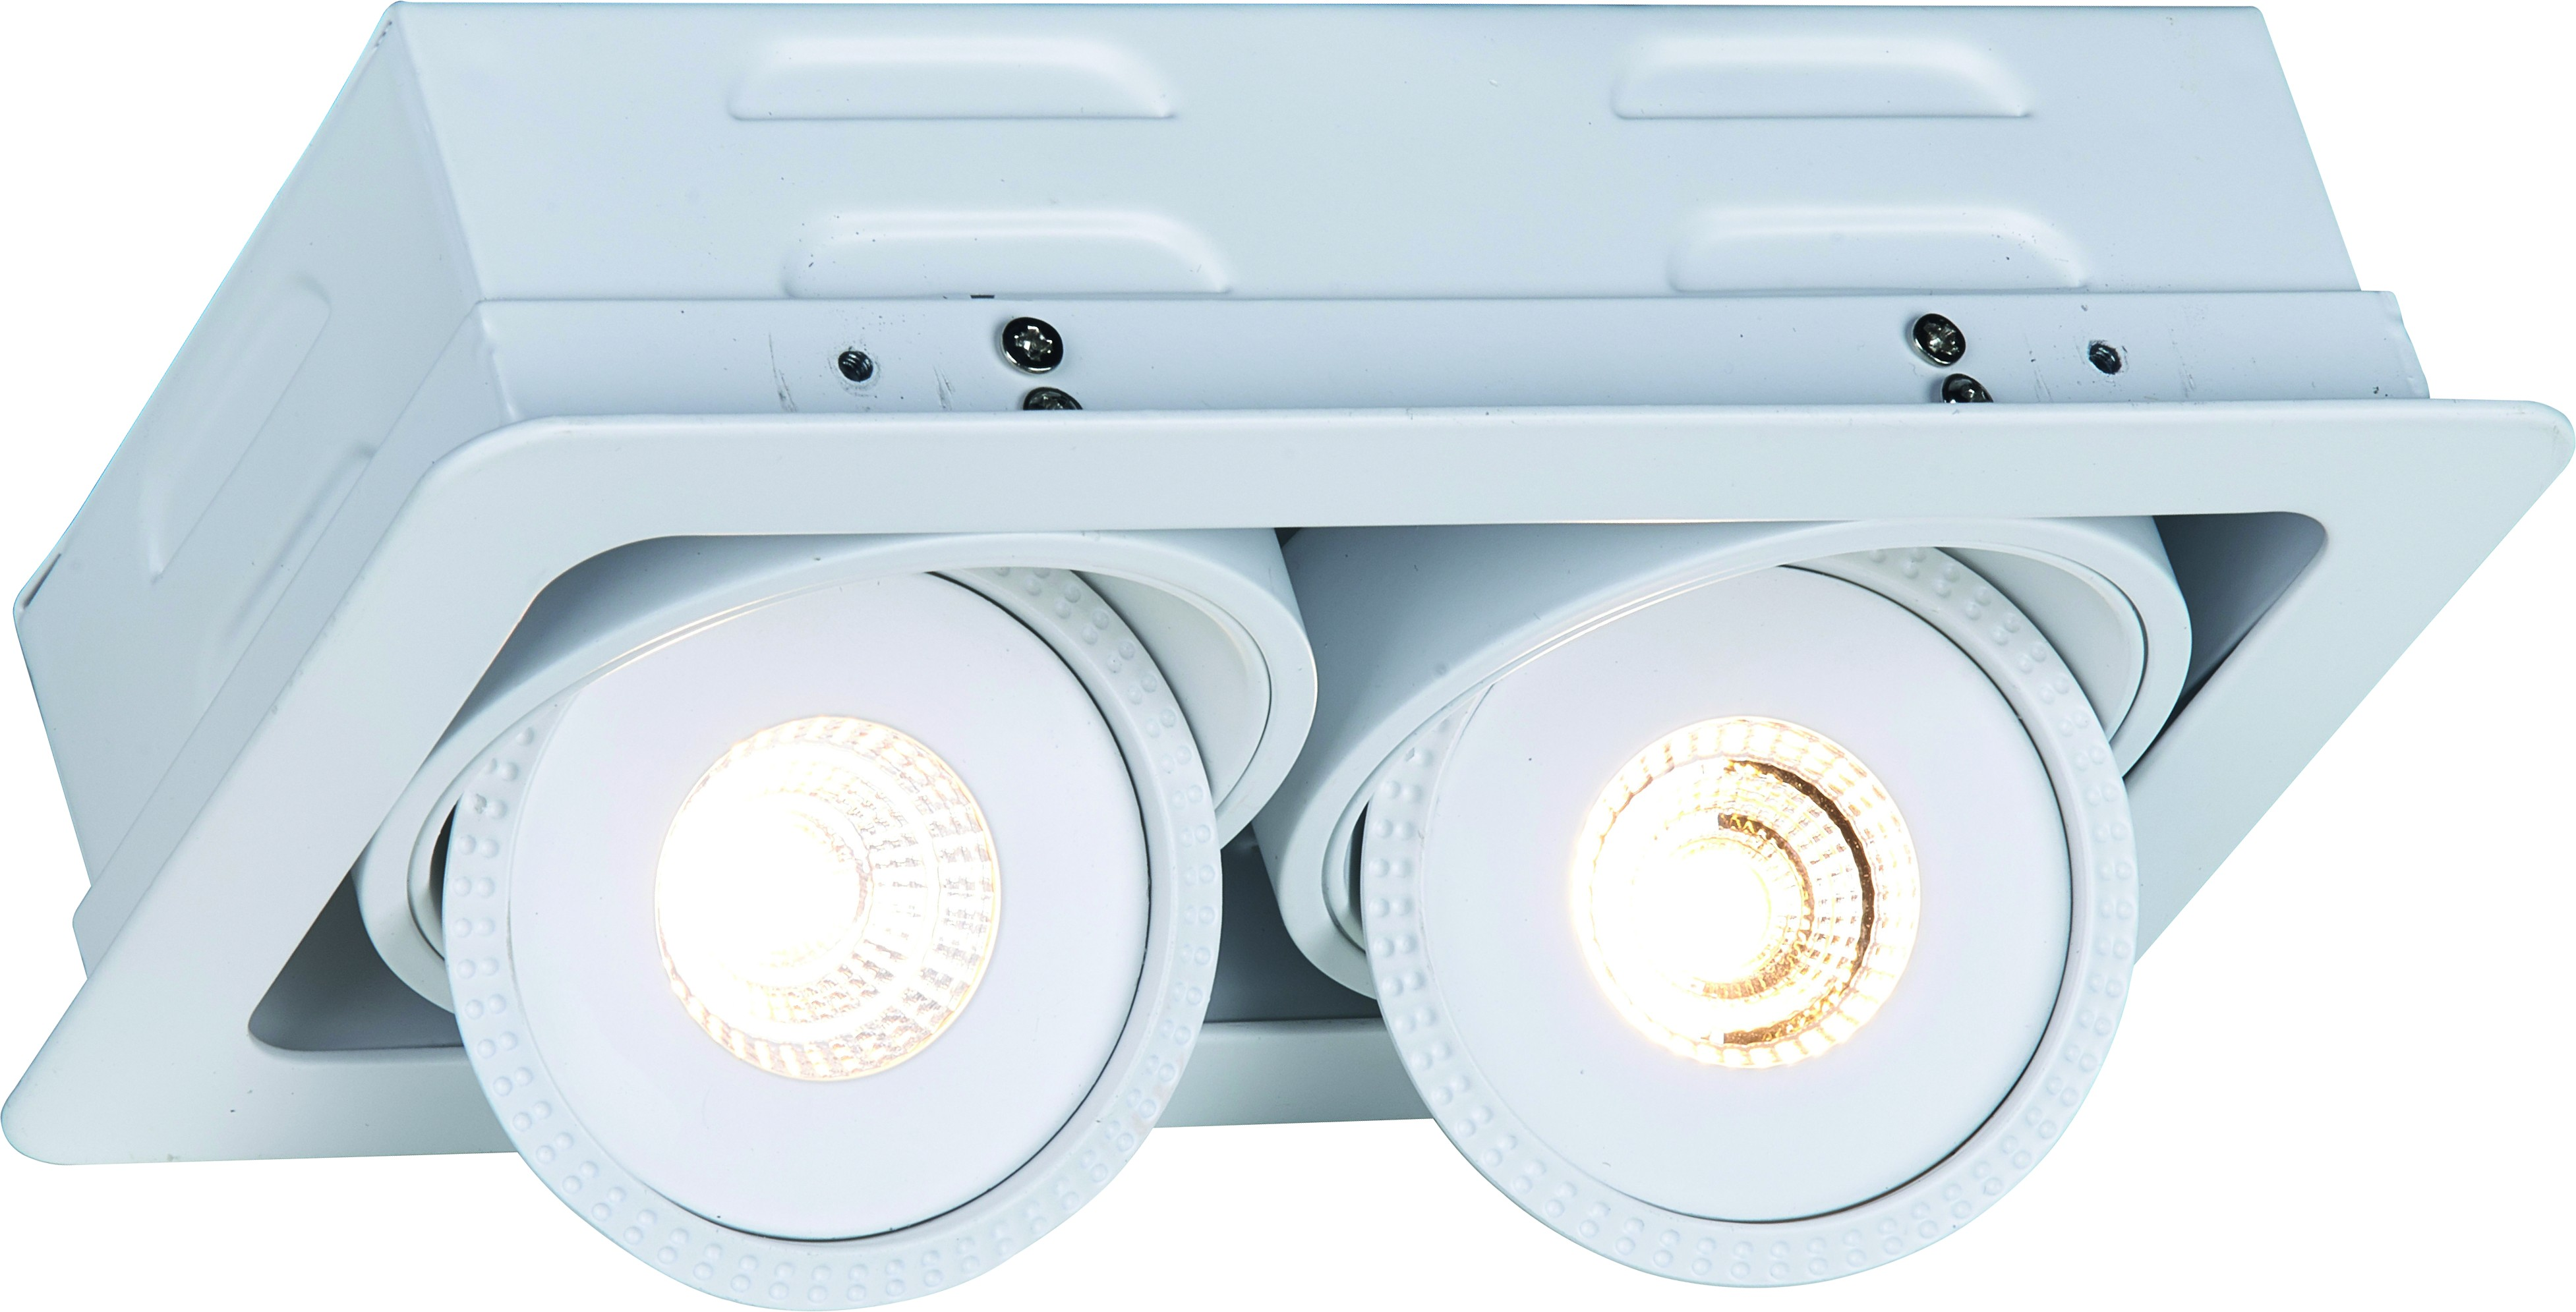 Светильник встраиваемый Arte lamp A3007pl-2wh встраиваемый светильник arte lamp studio a3007pl 2wh